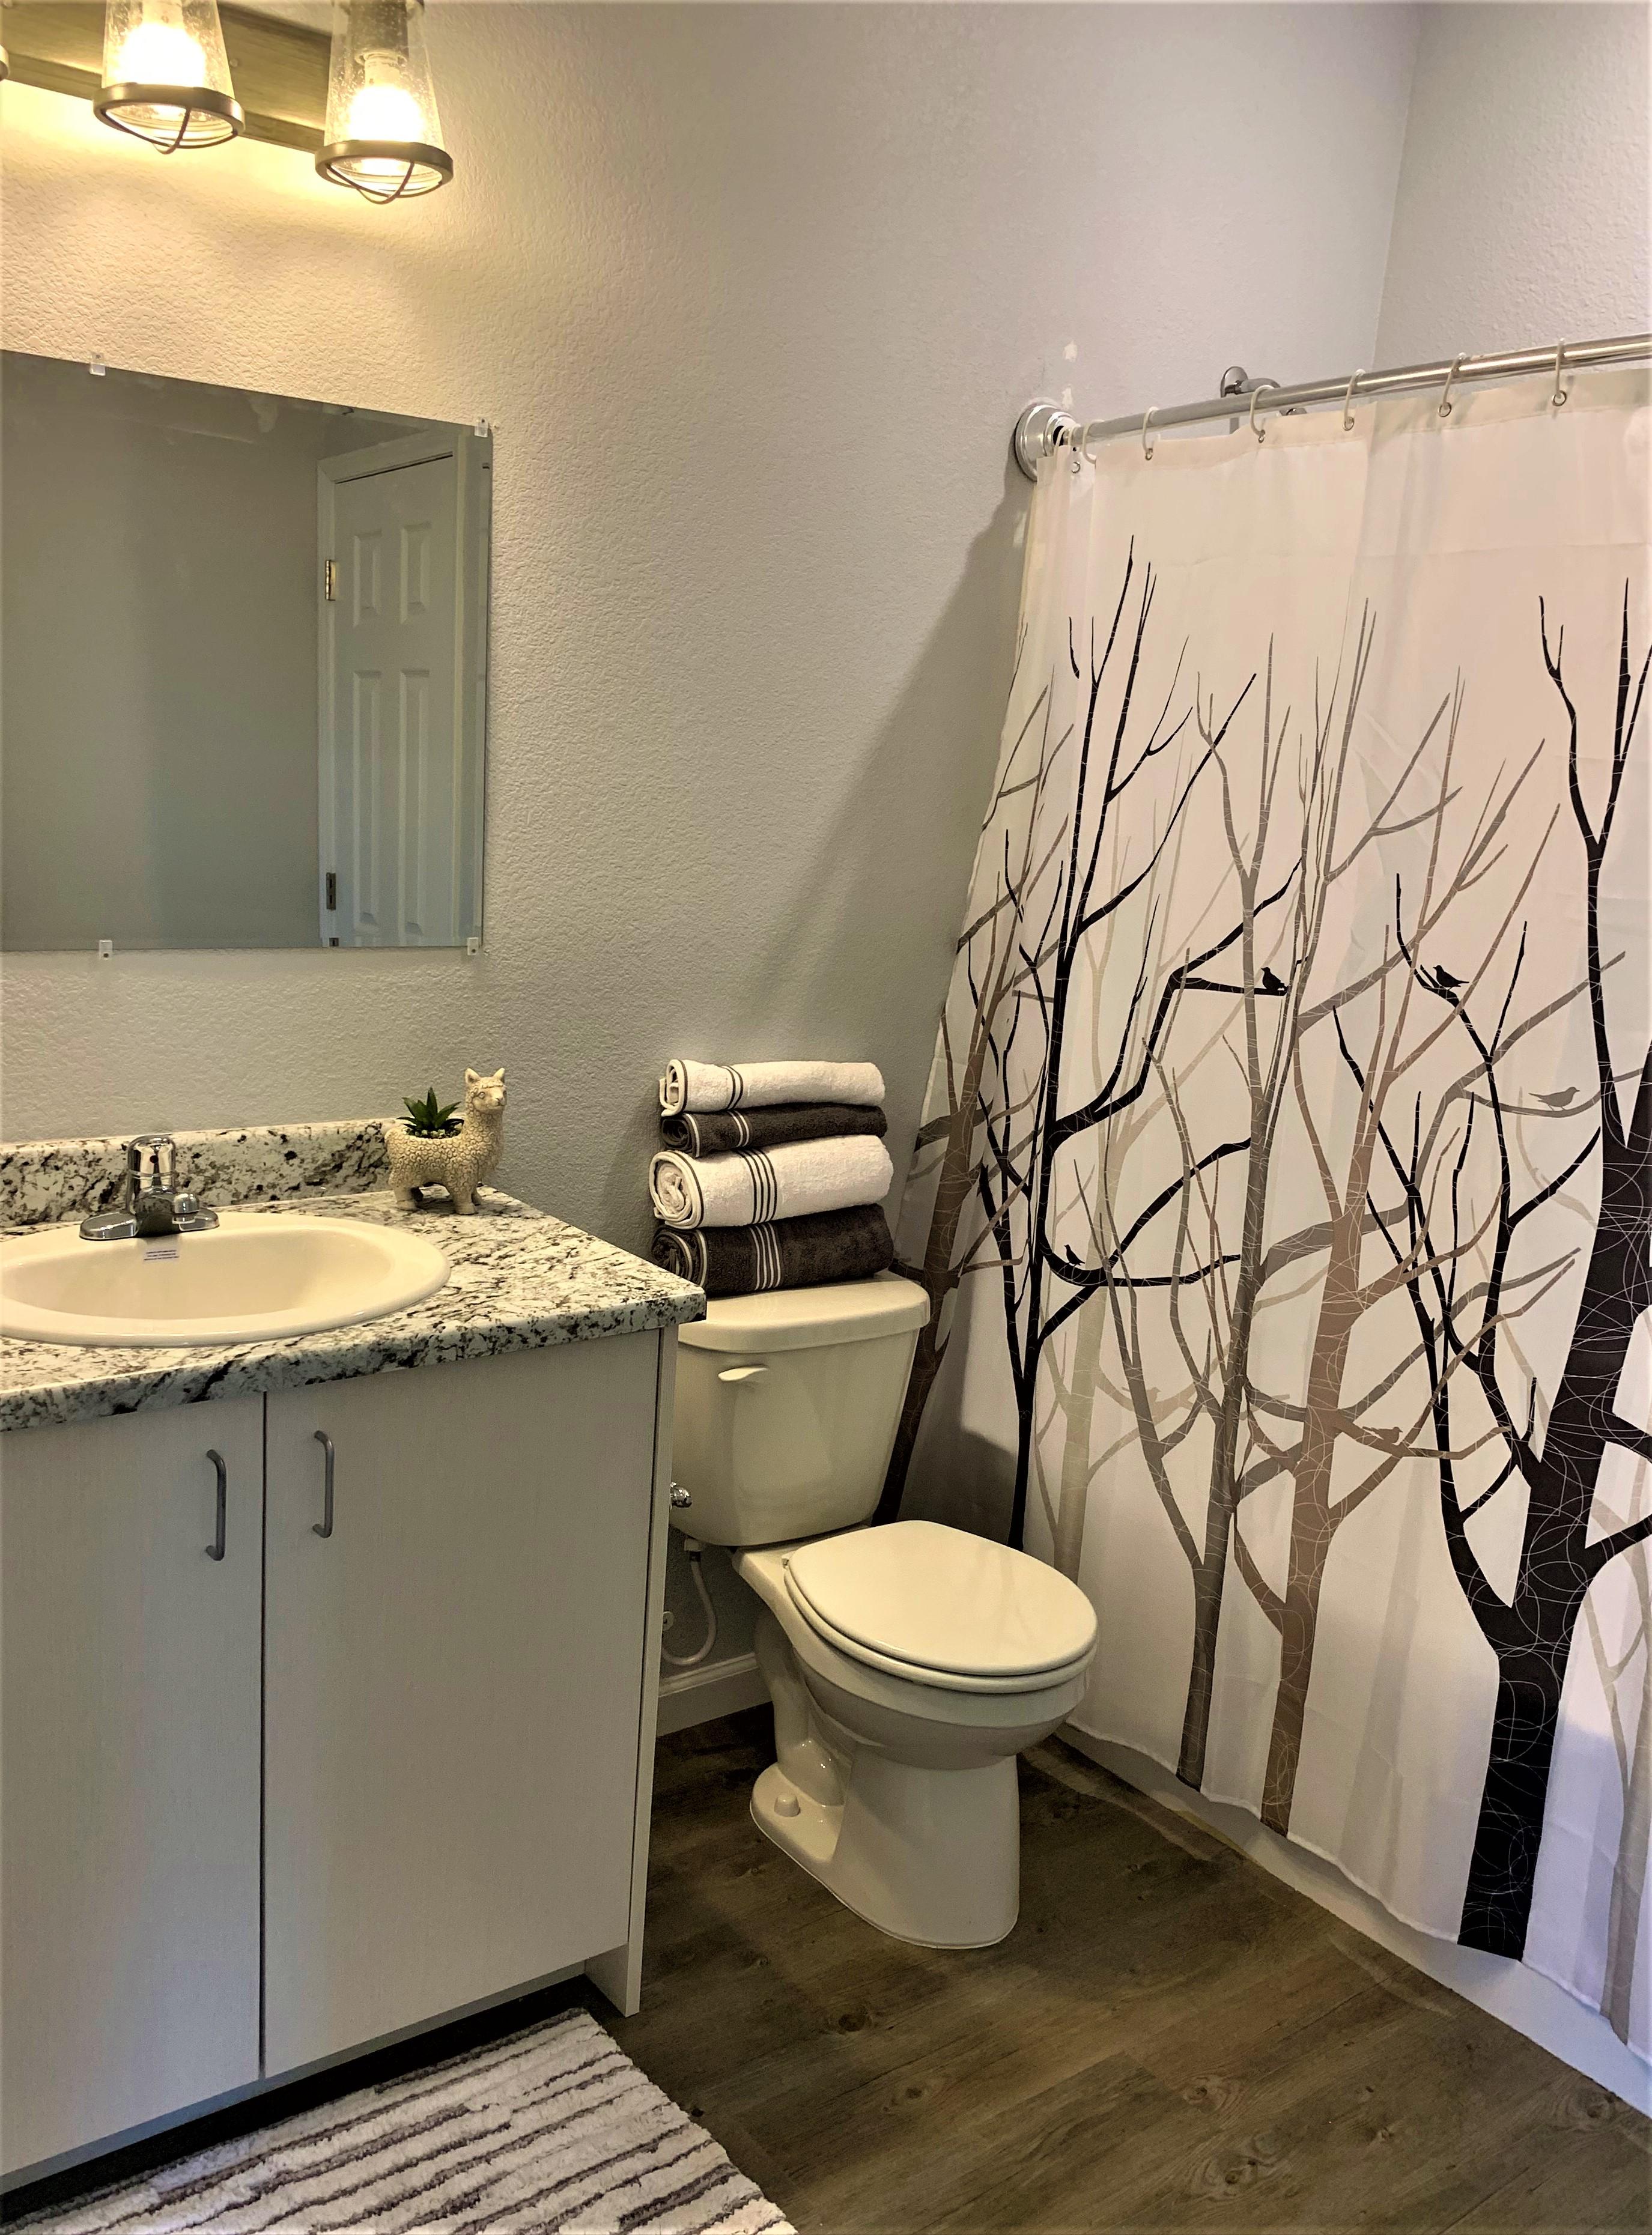 1 BEDROOM - 1 BATH - BATHROOM